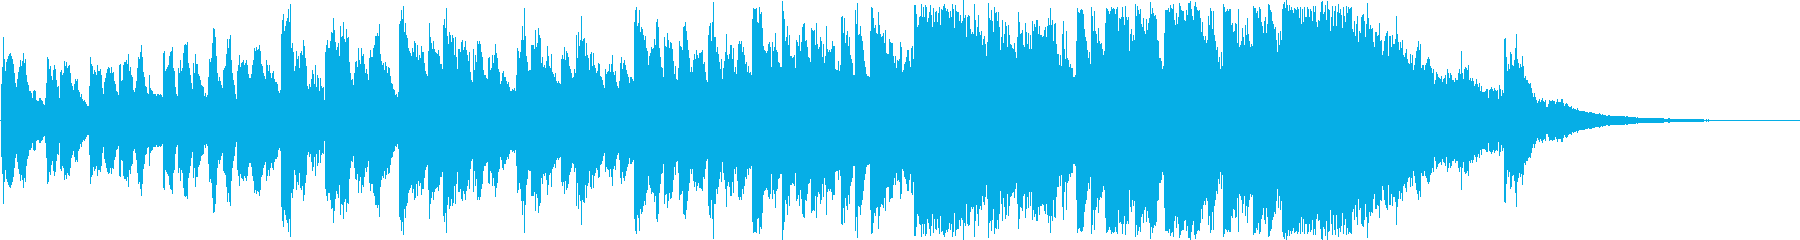 30秒CM用BGM(オーケストラ)の再生済みの波形